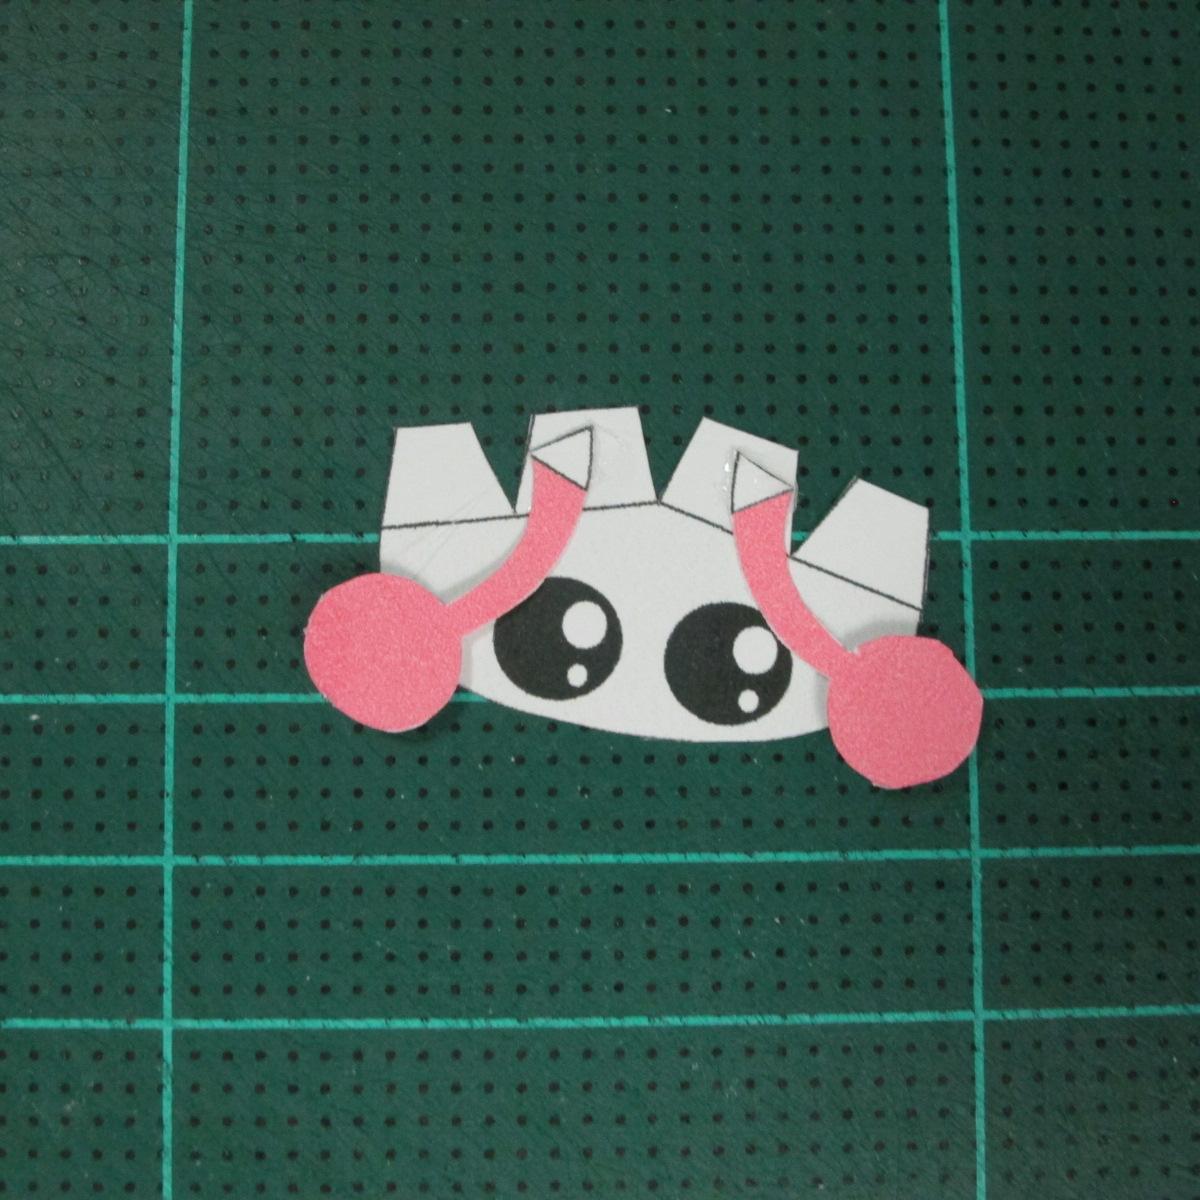 วิธีทำโมเดลกระดาษรูปเต่าทองแบบง่ายๆ (Easy Ladybug Papercraft Model) 004